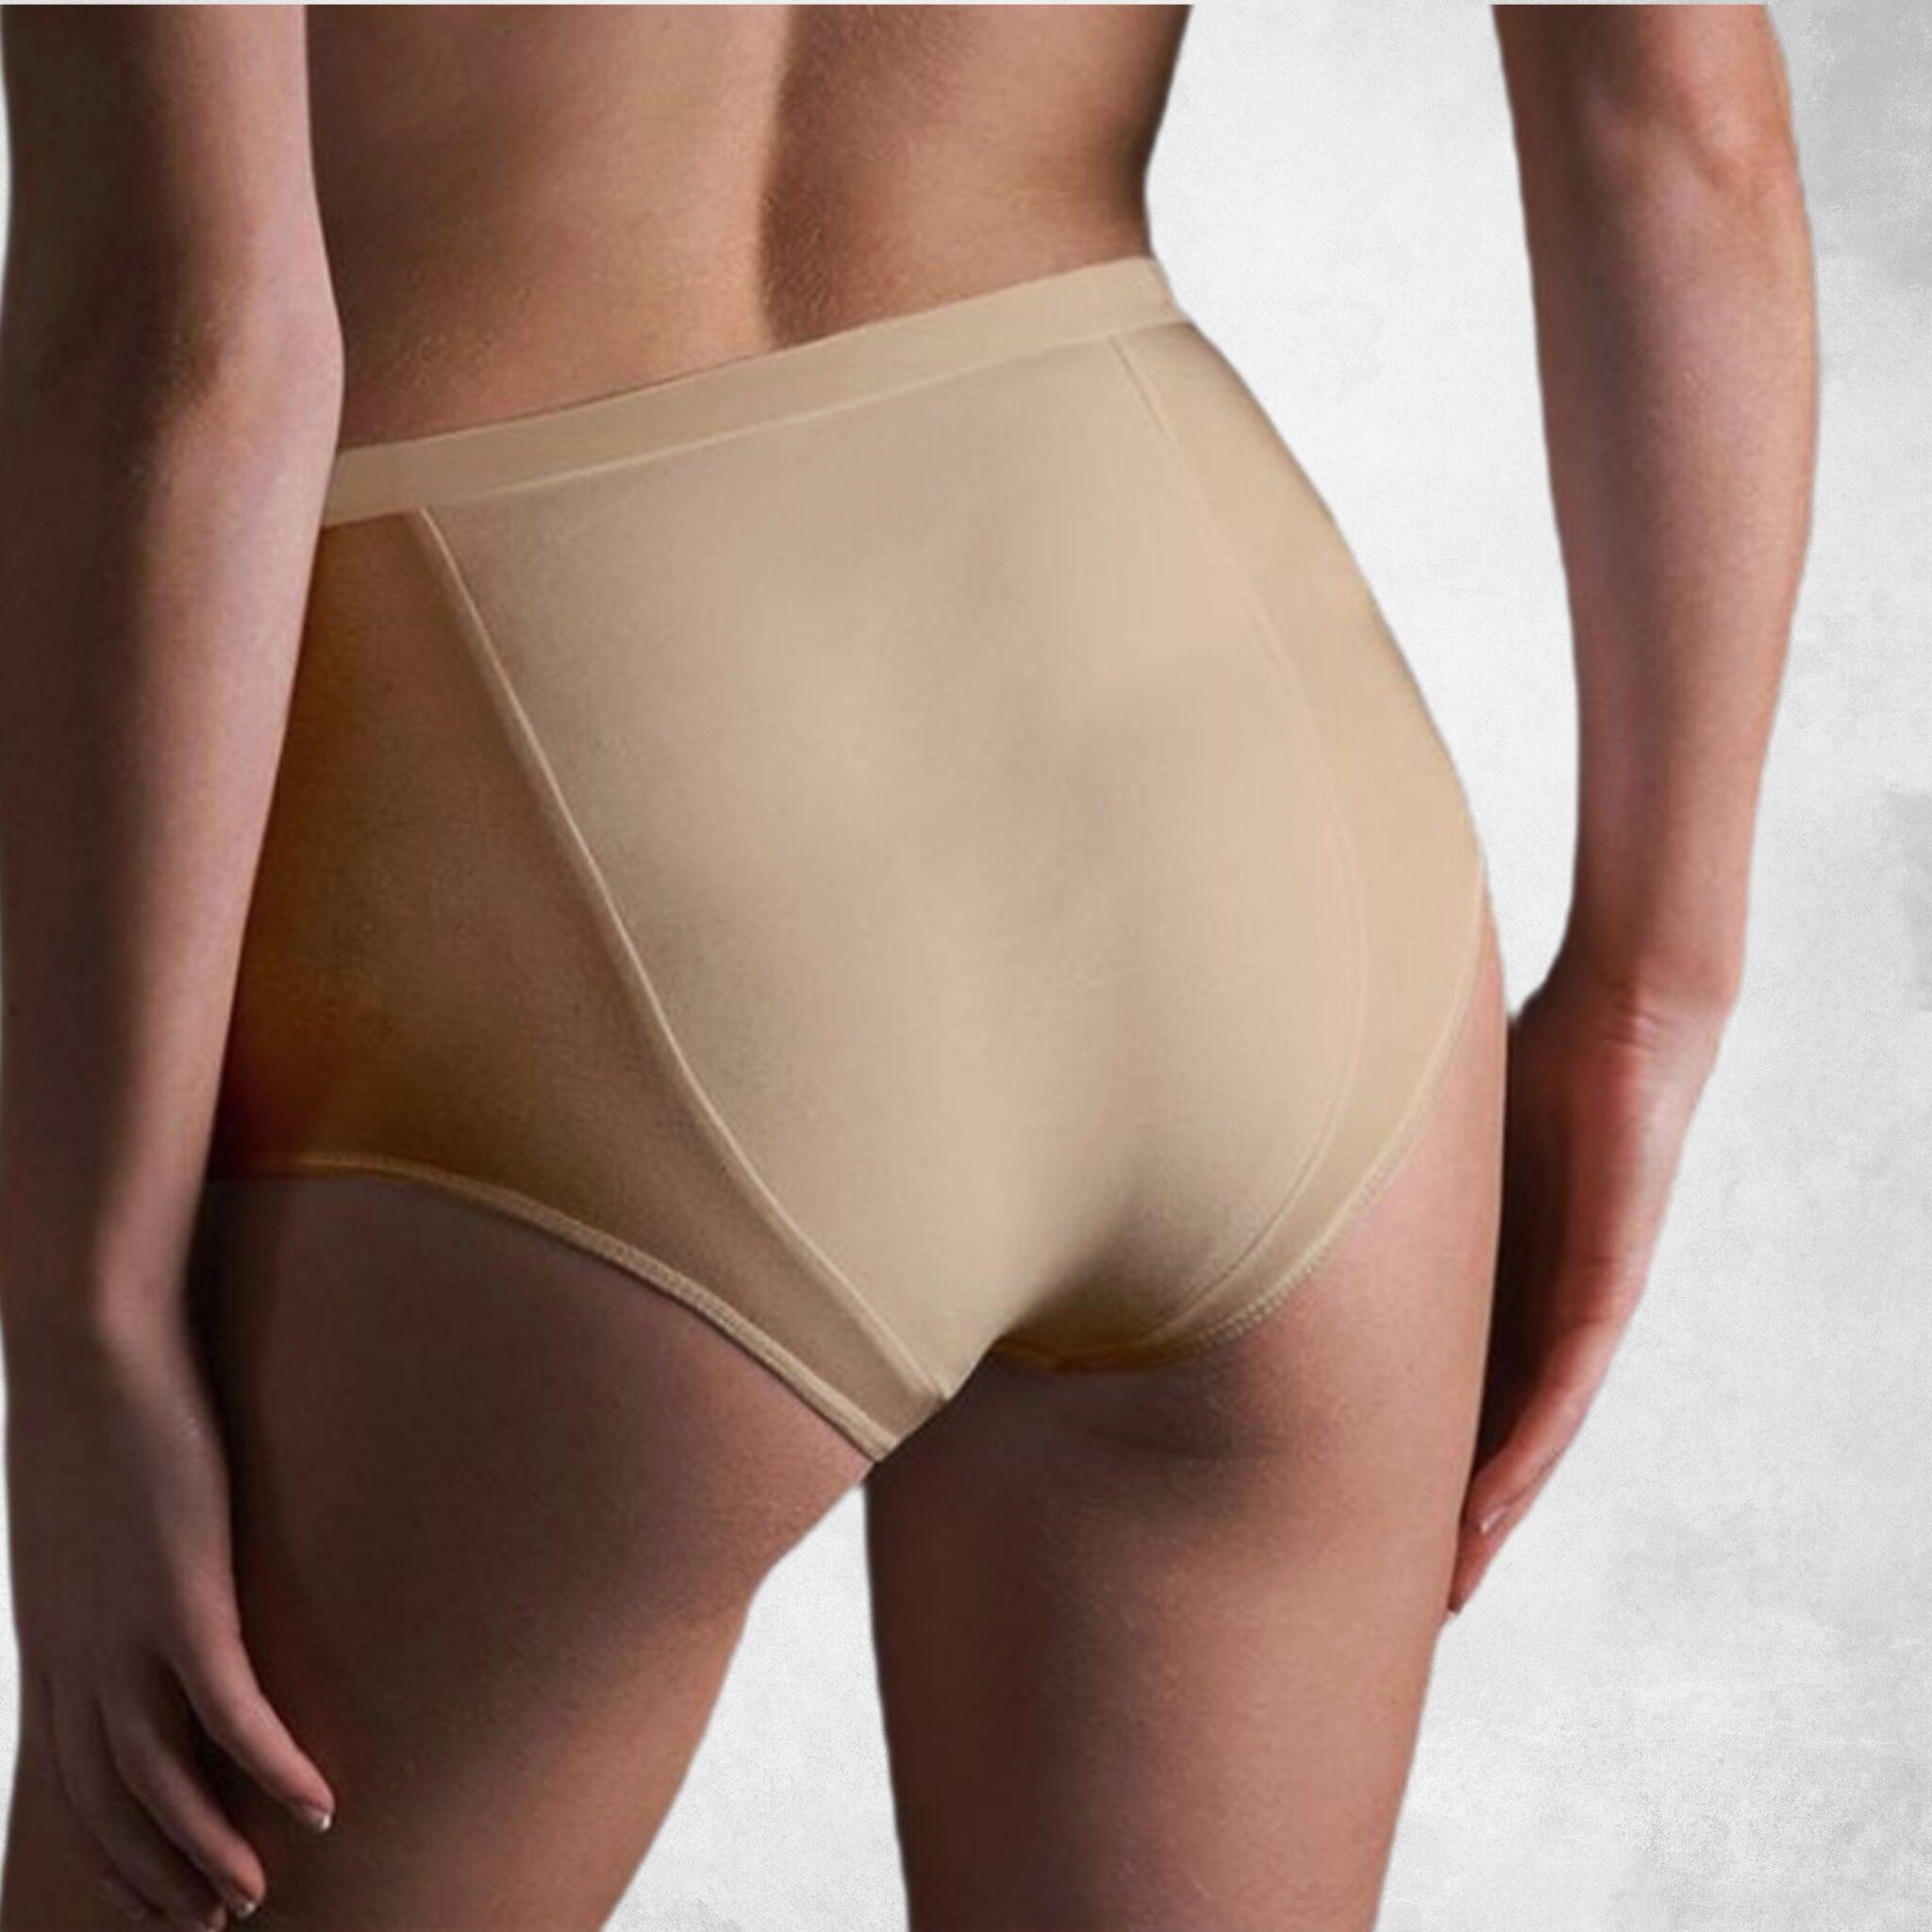 antybąkowa bielizna damska kolor cielisty głębokie majtki na bąki, widziane od tyłu, na zdjęciu widać głównie pupę szczupłej modelki